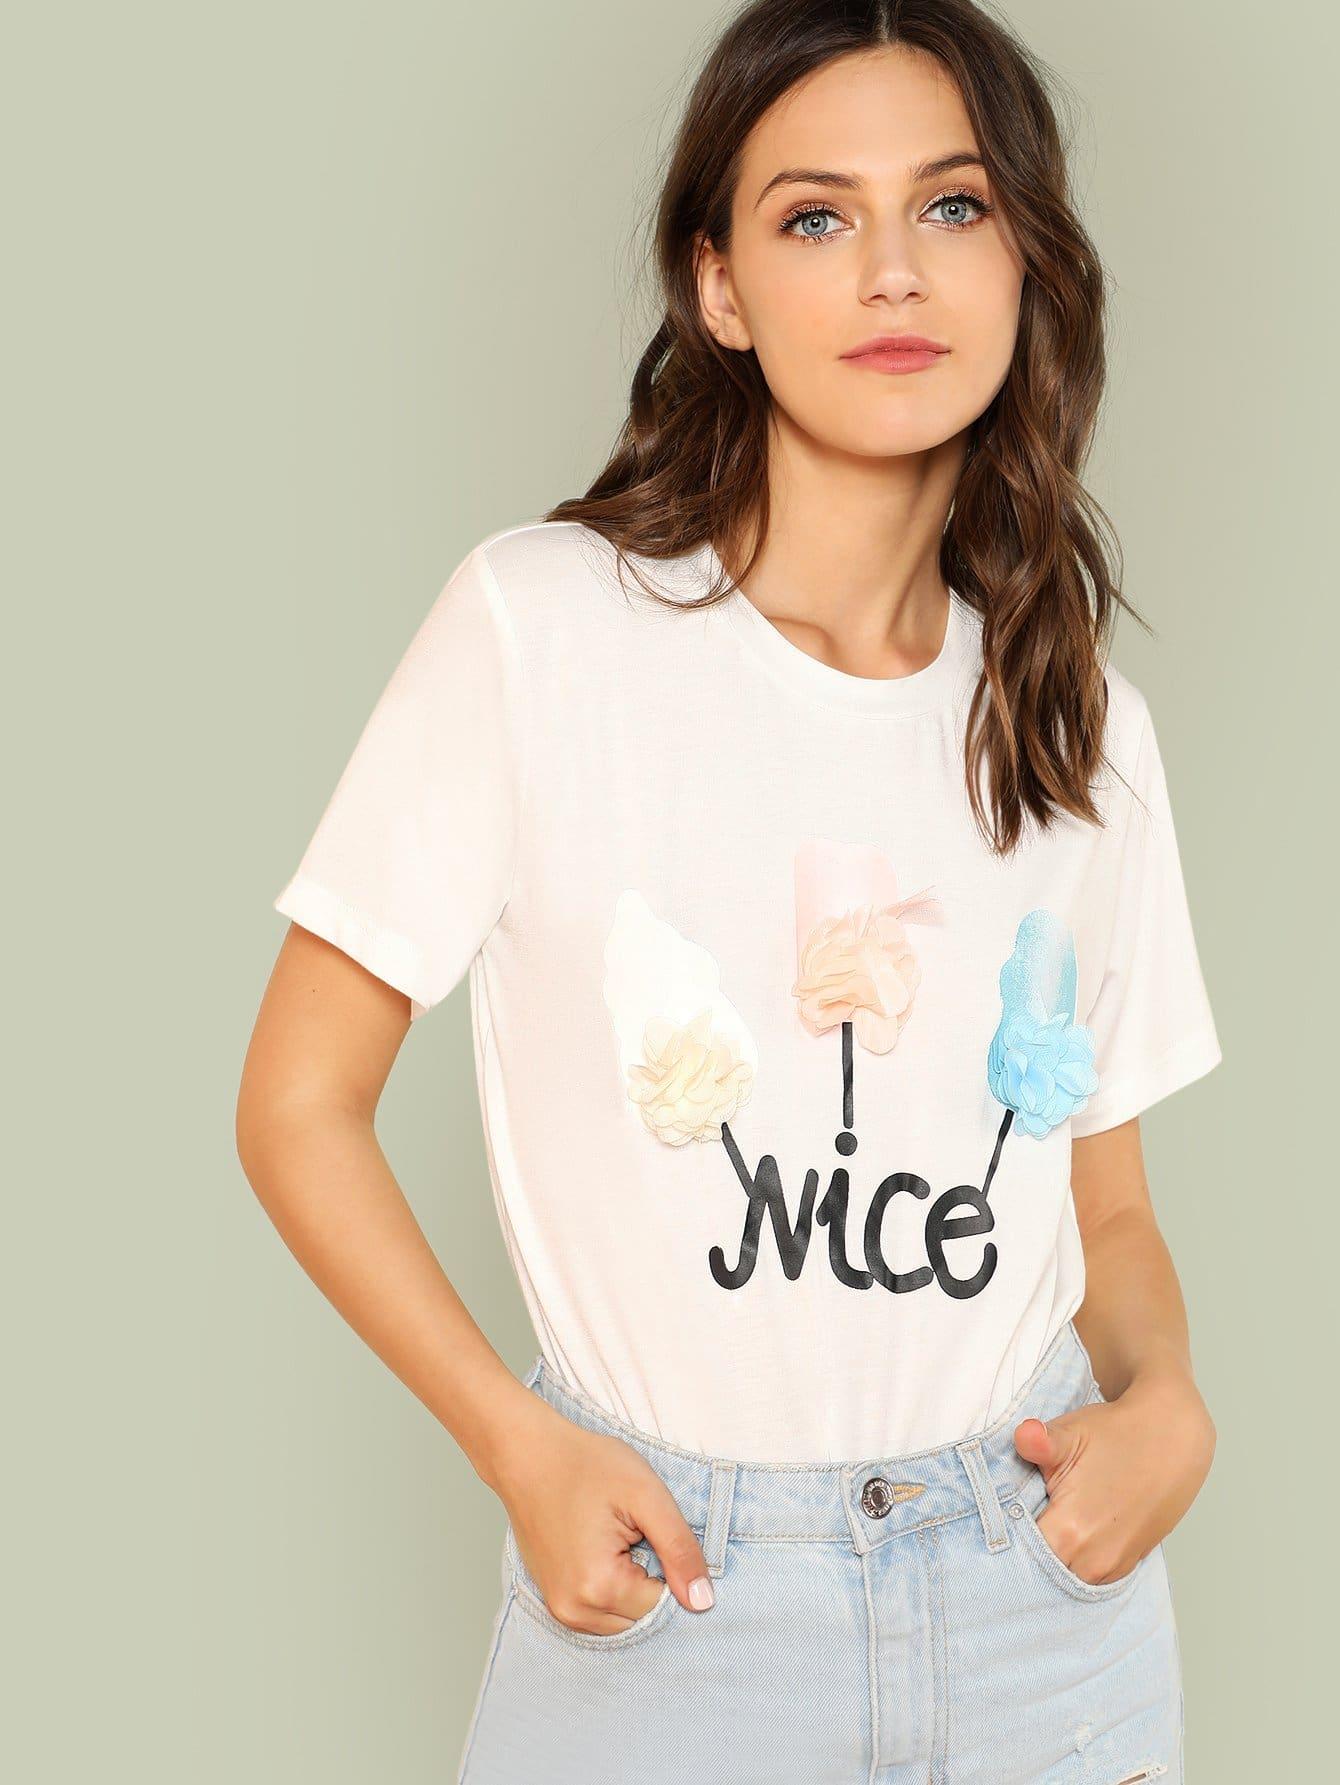 Flower Applique Graphic T-shirt redfox футболка flower t 42 4300 желтый